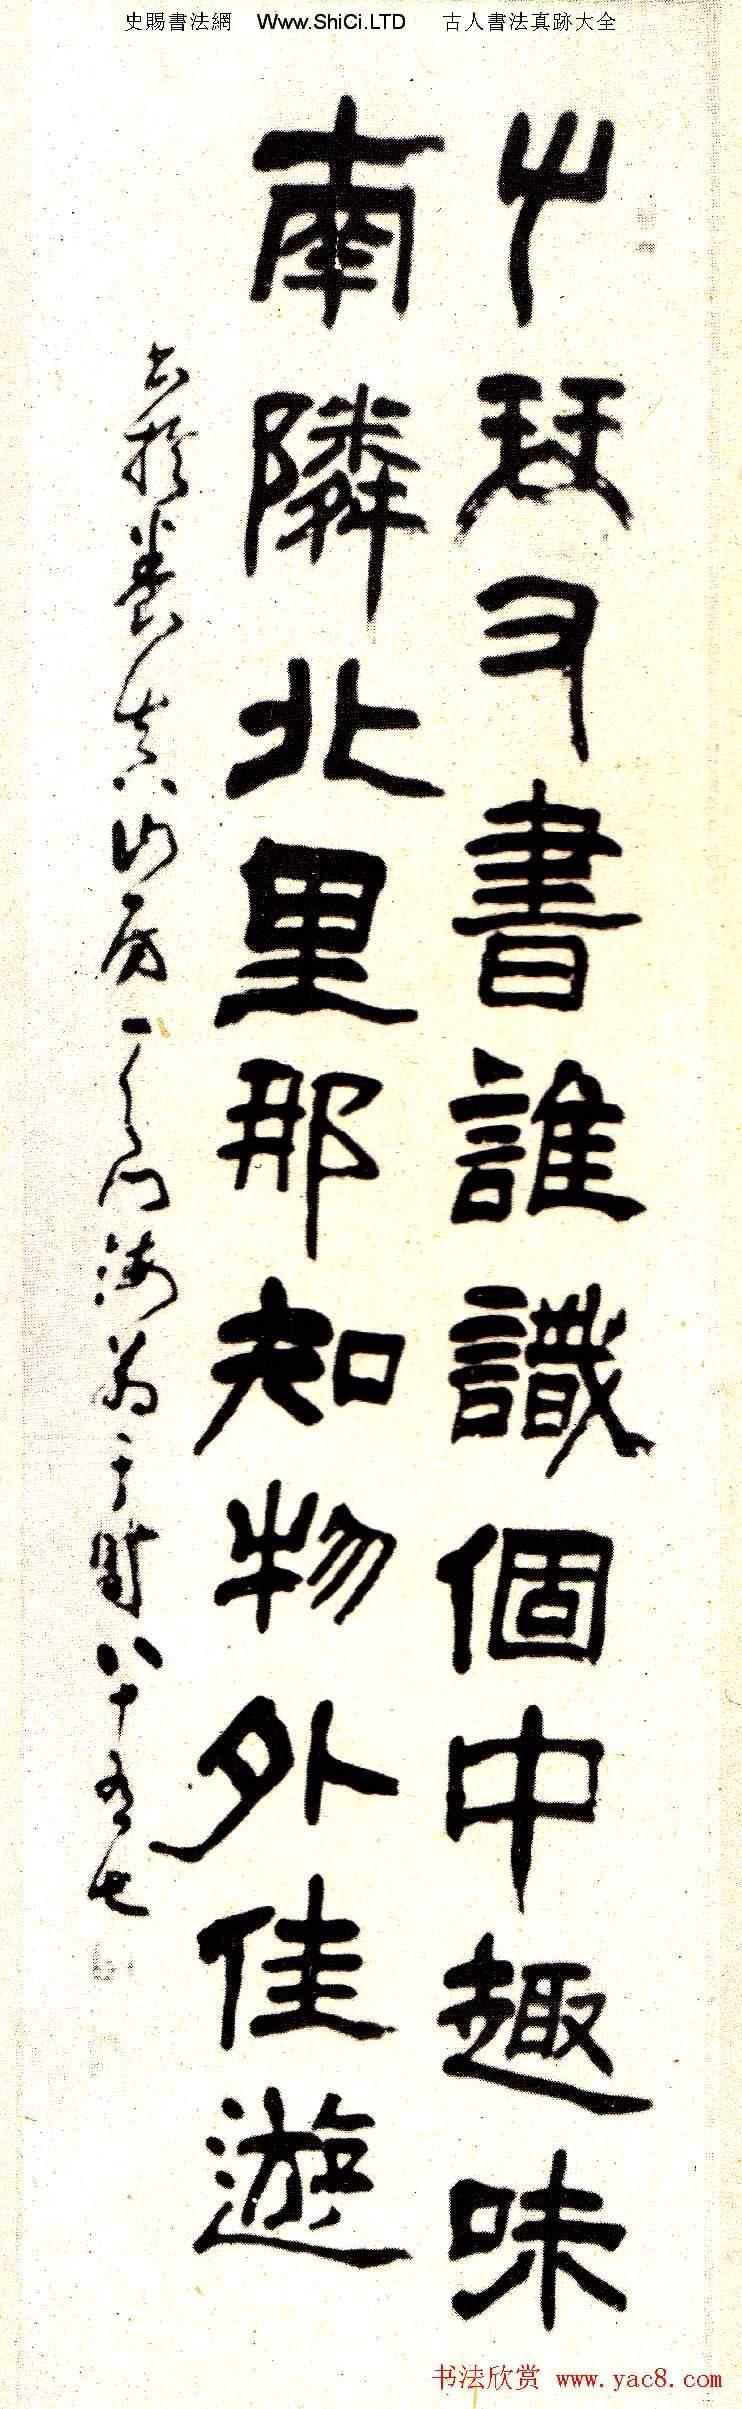 日本豐道春海書法作品欣賞